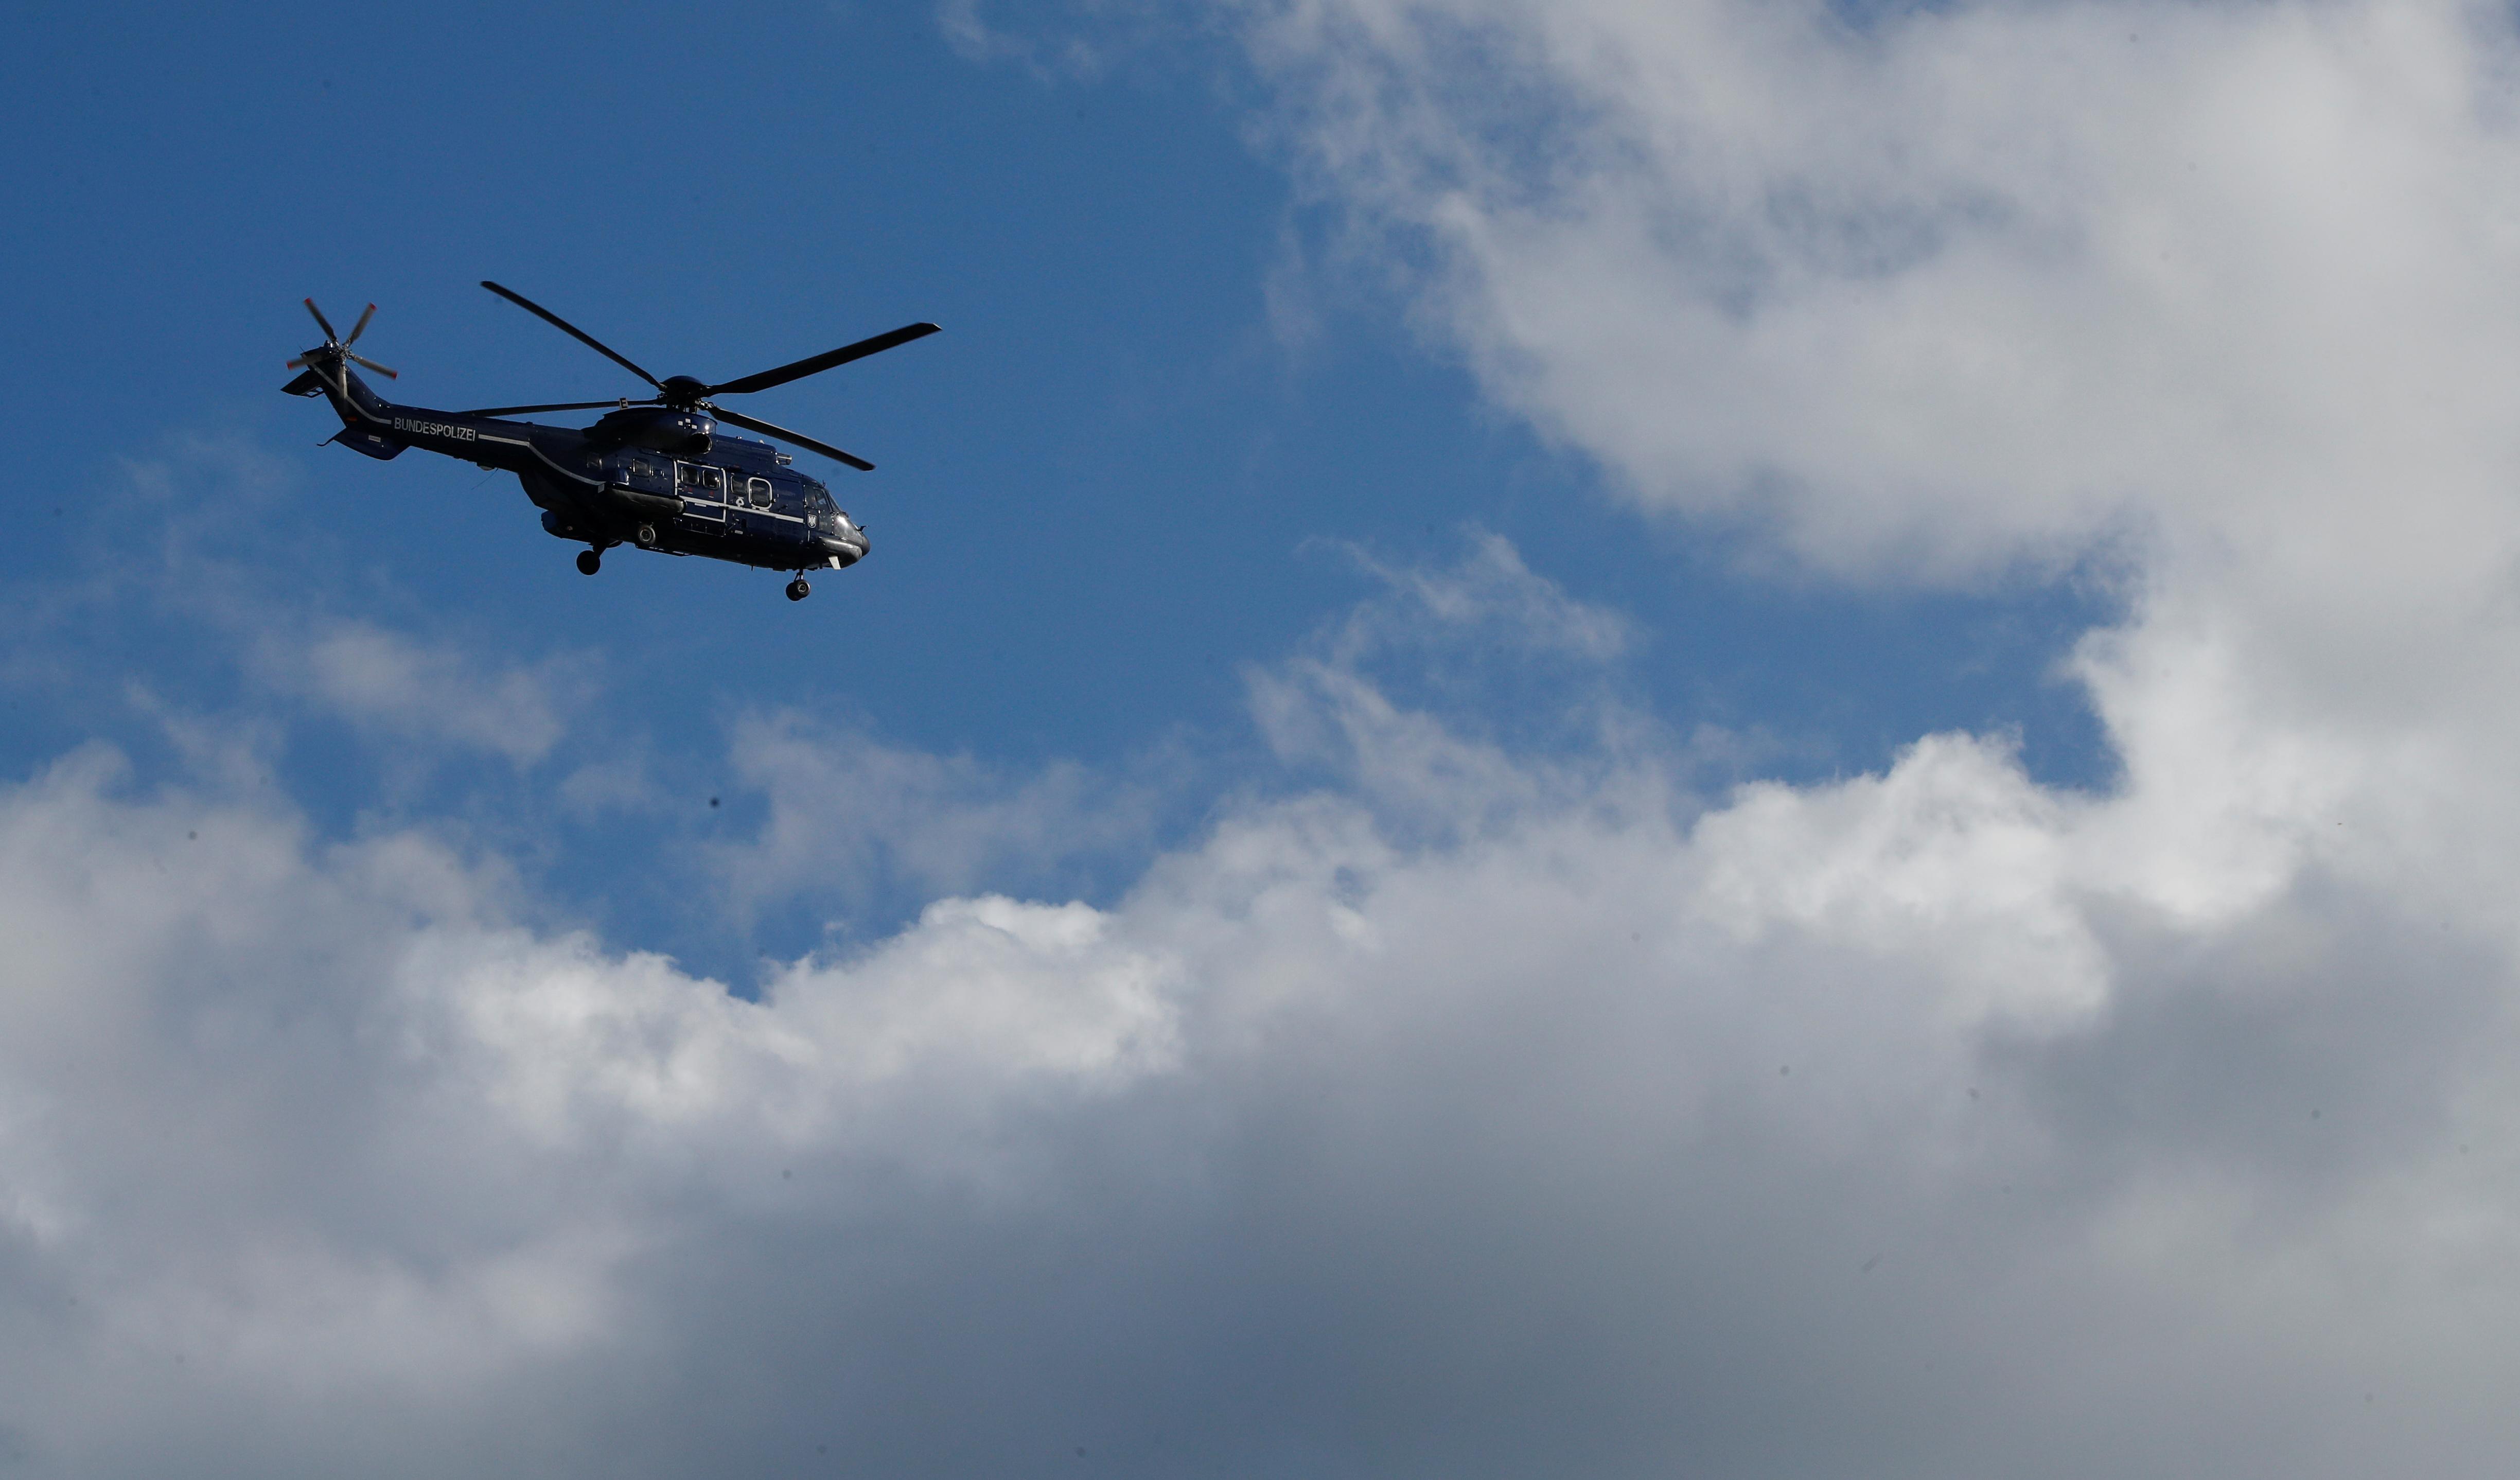 Crash d'un hélicoptère Airbus en Corée du Sud